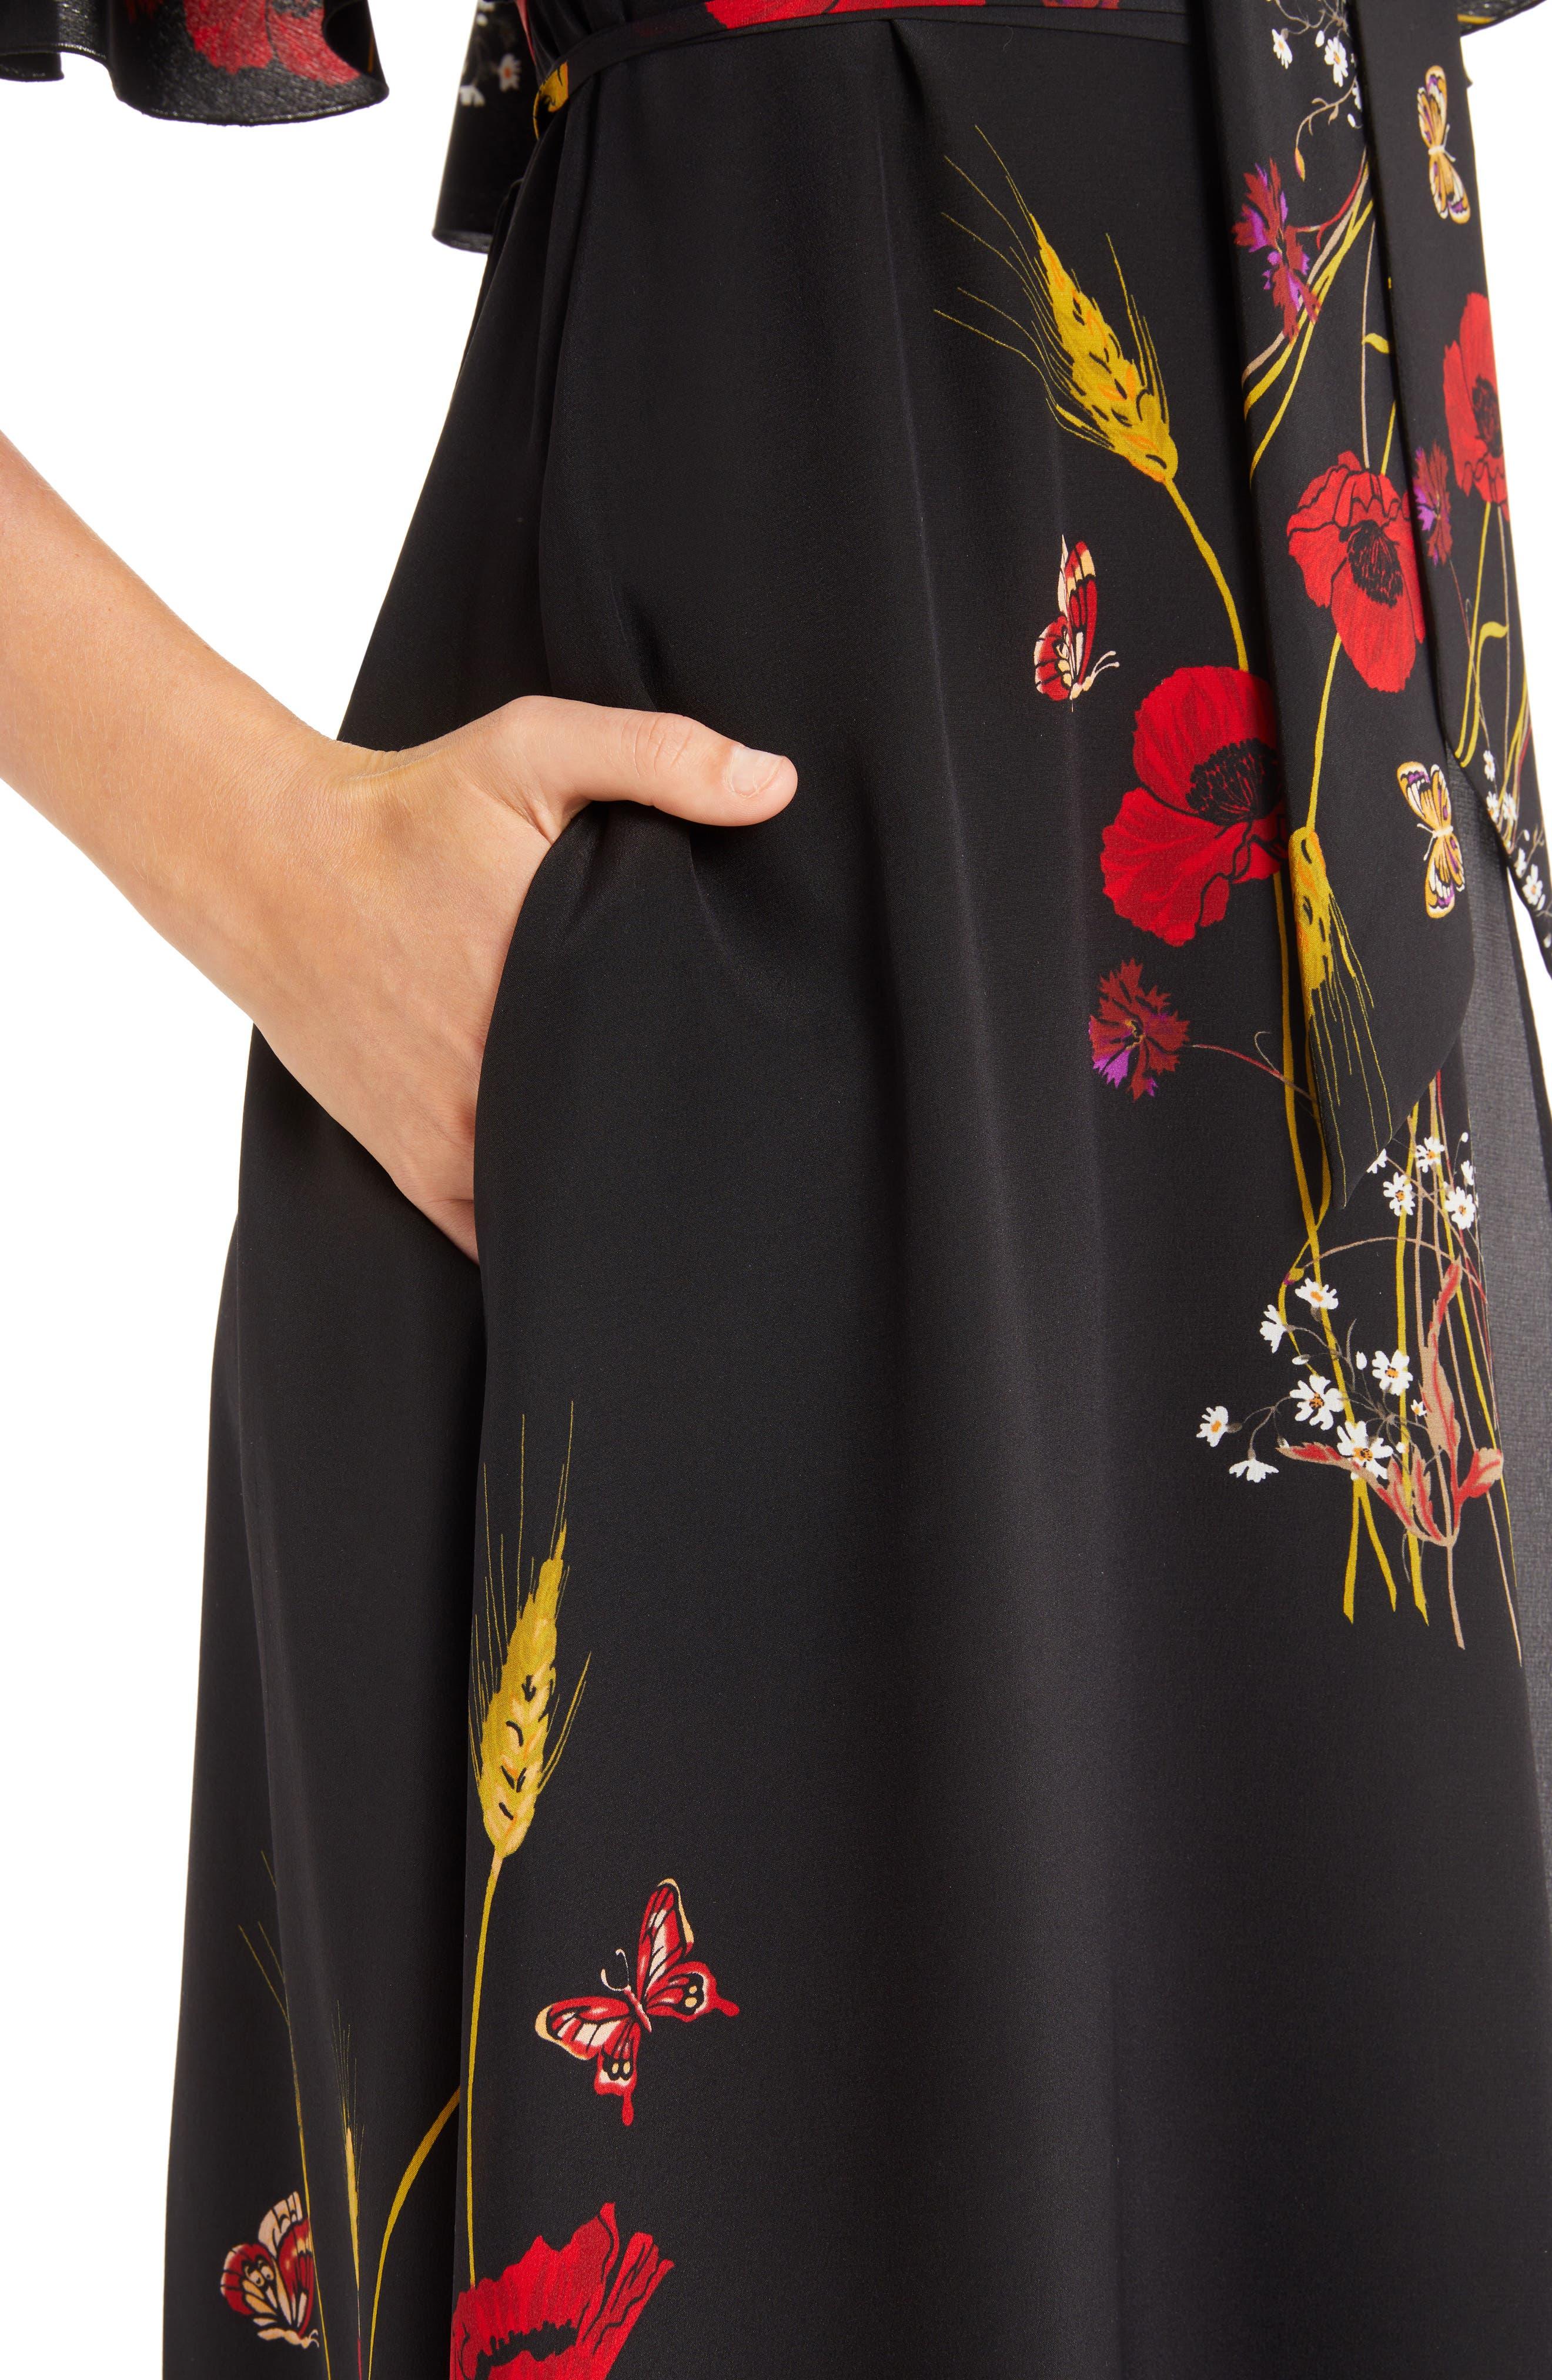 Floral Meadow Print Crêpe de Chine Faux Wrap Dress,                             Alternate thumbnail 4, color,                             BLACK/ MULTI COLOR